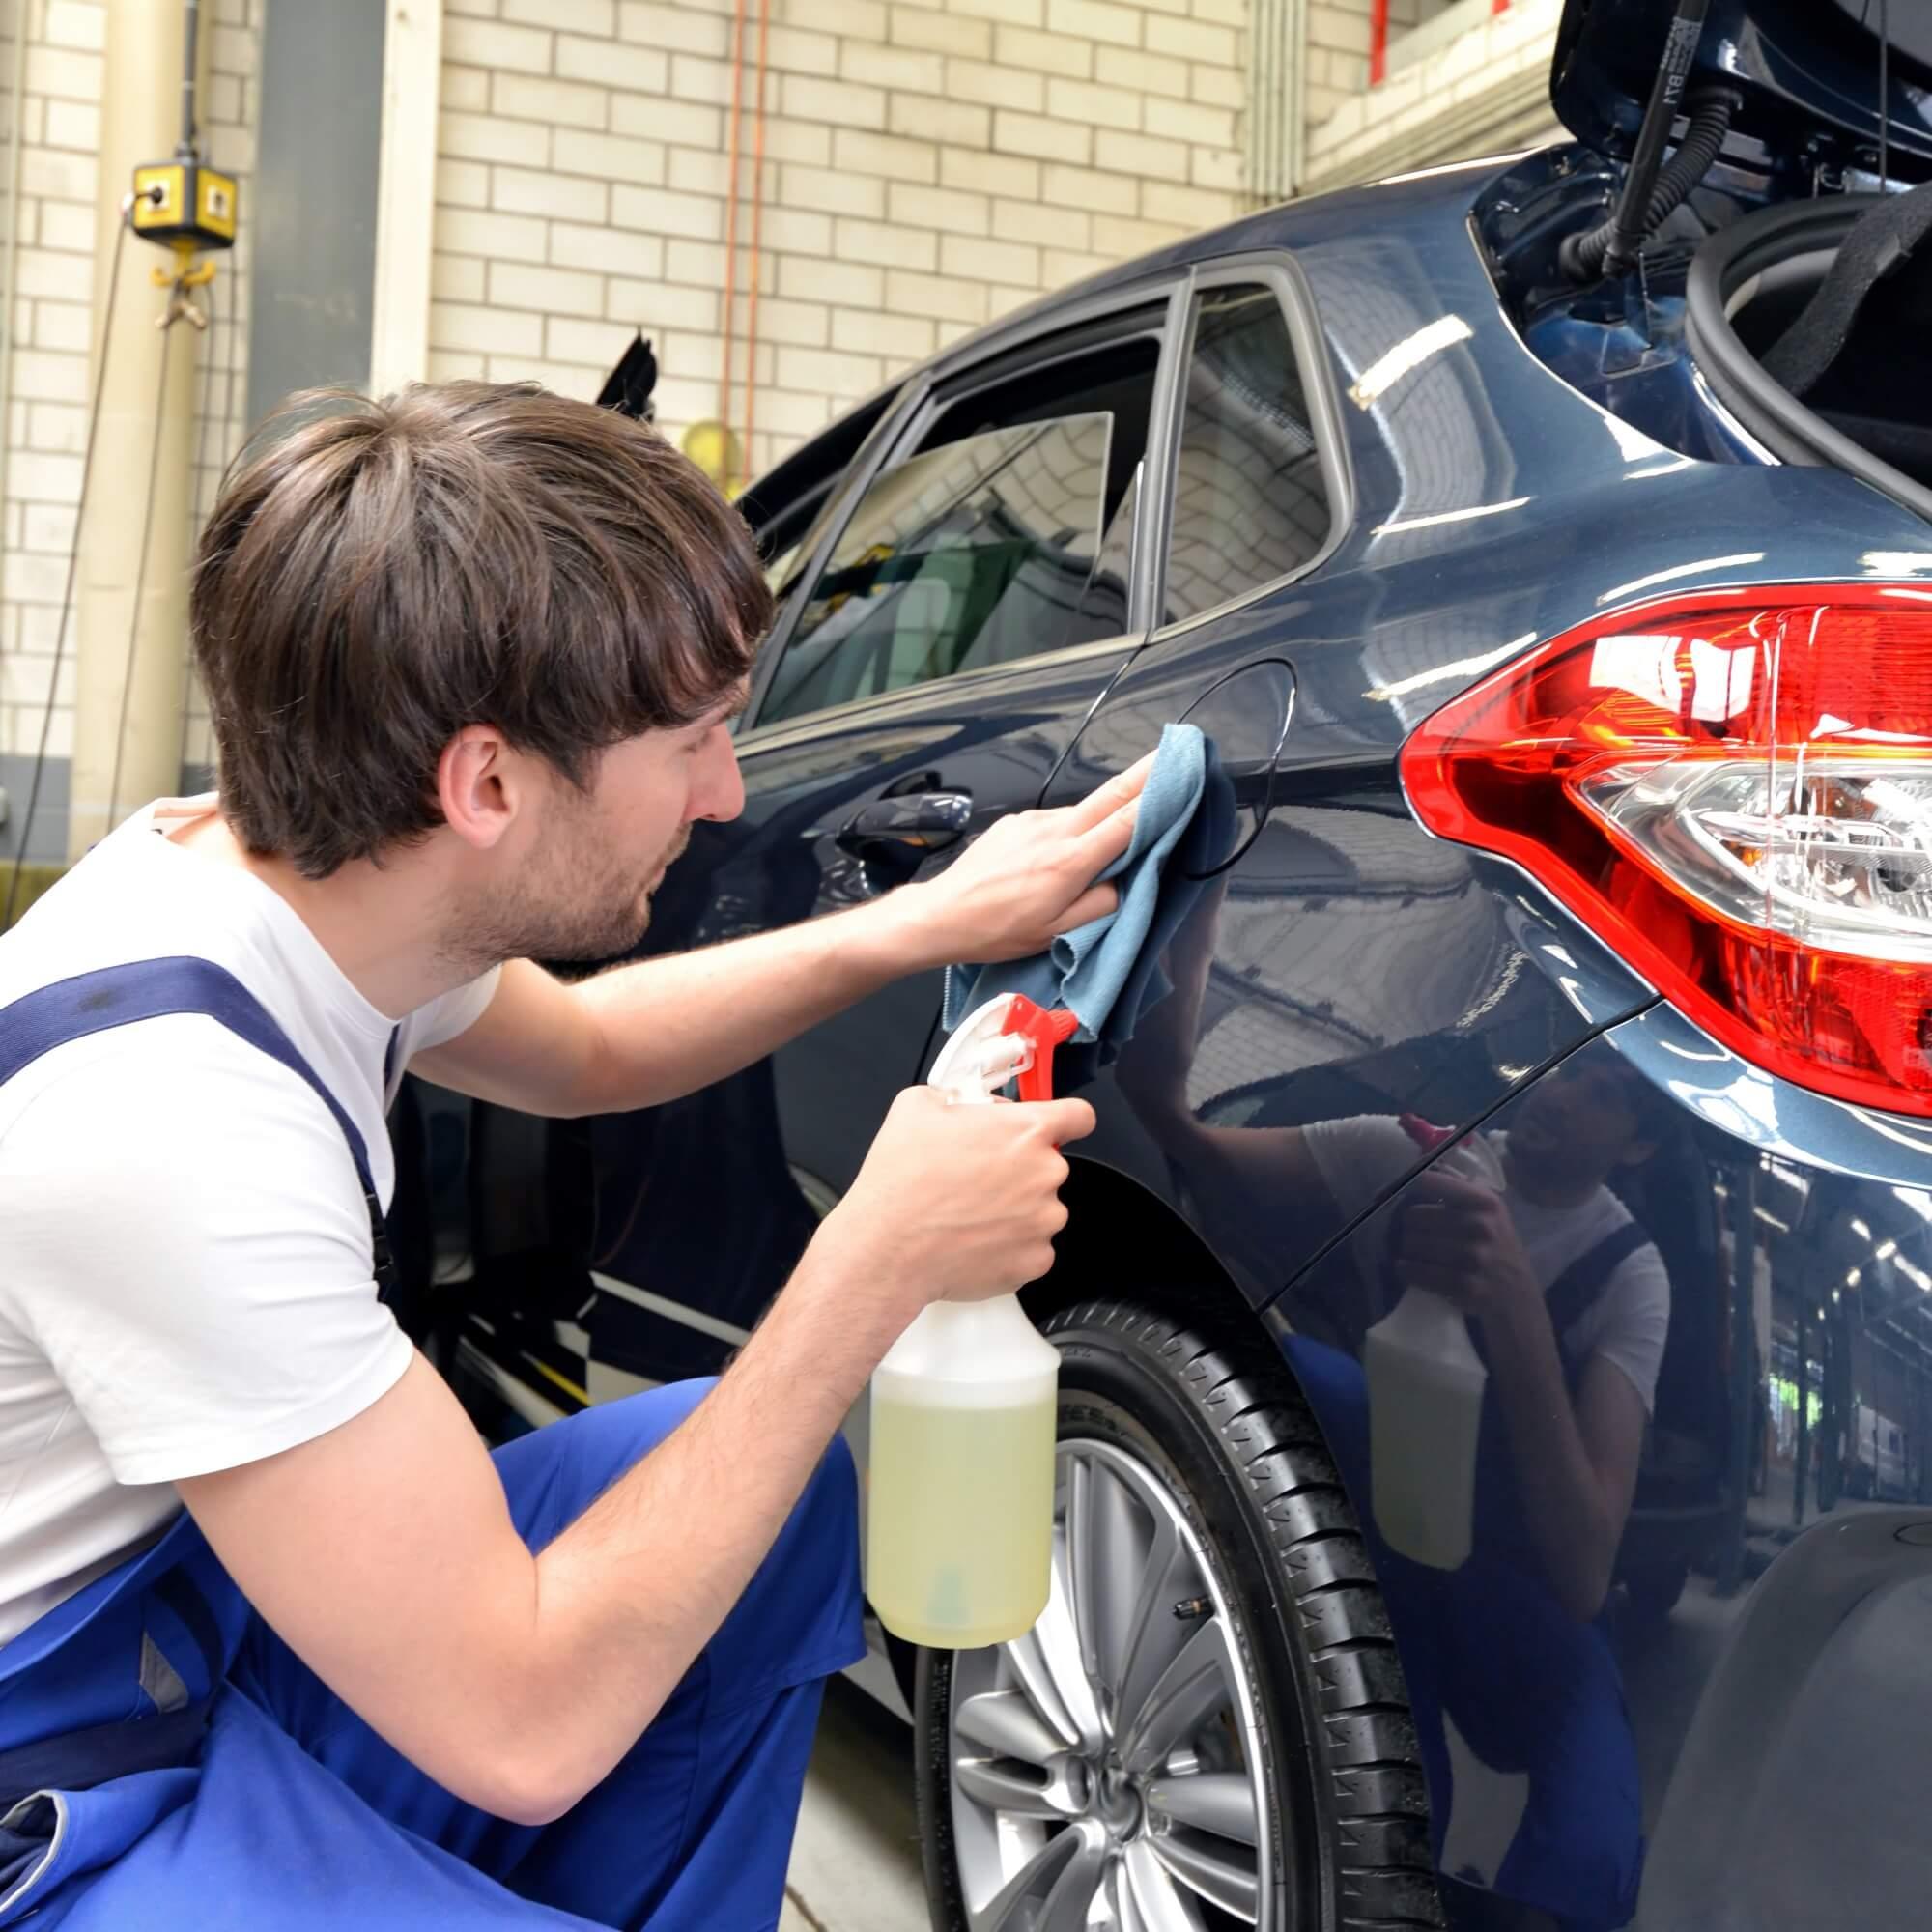 Autopflege: Was für echte Saubermänner